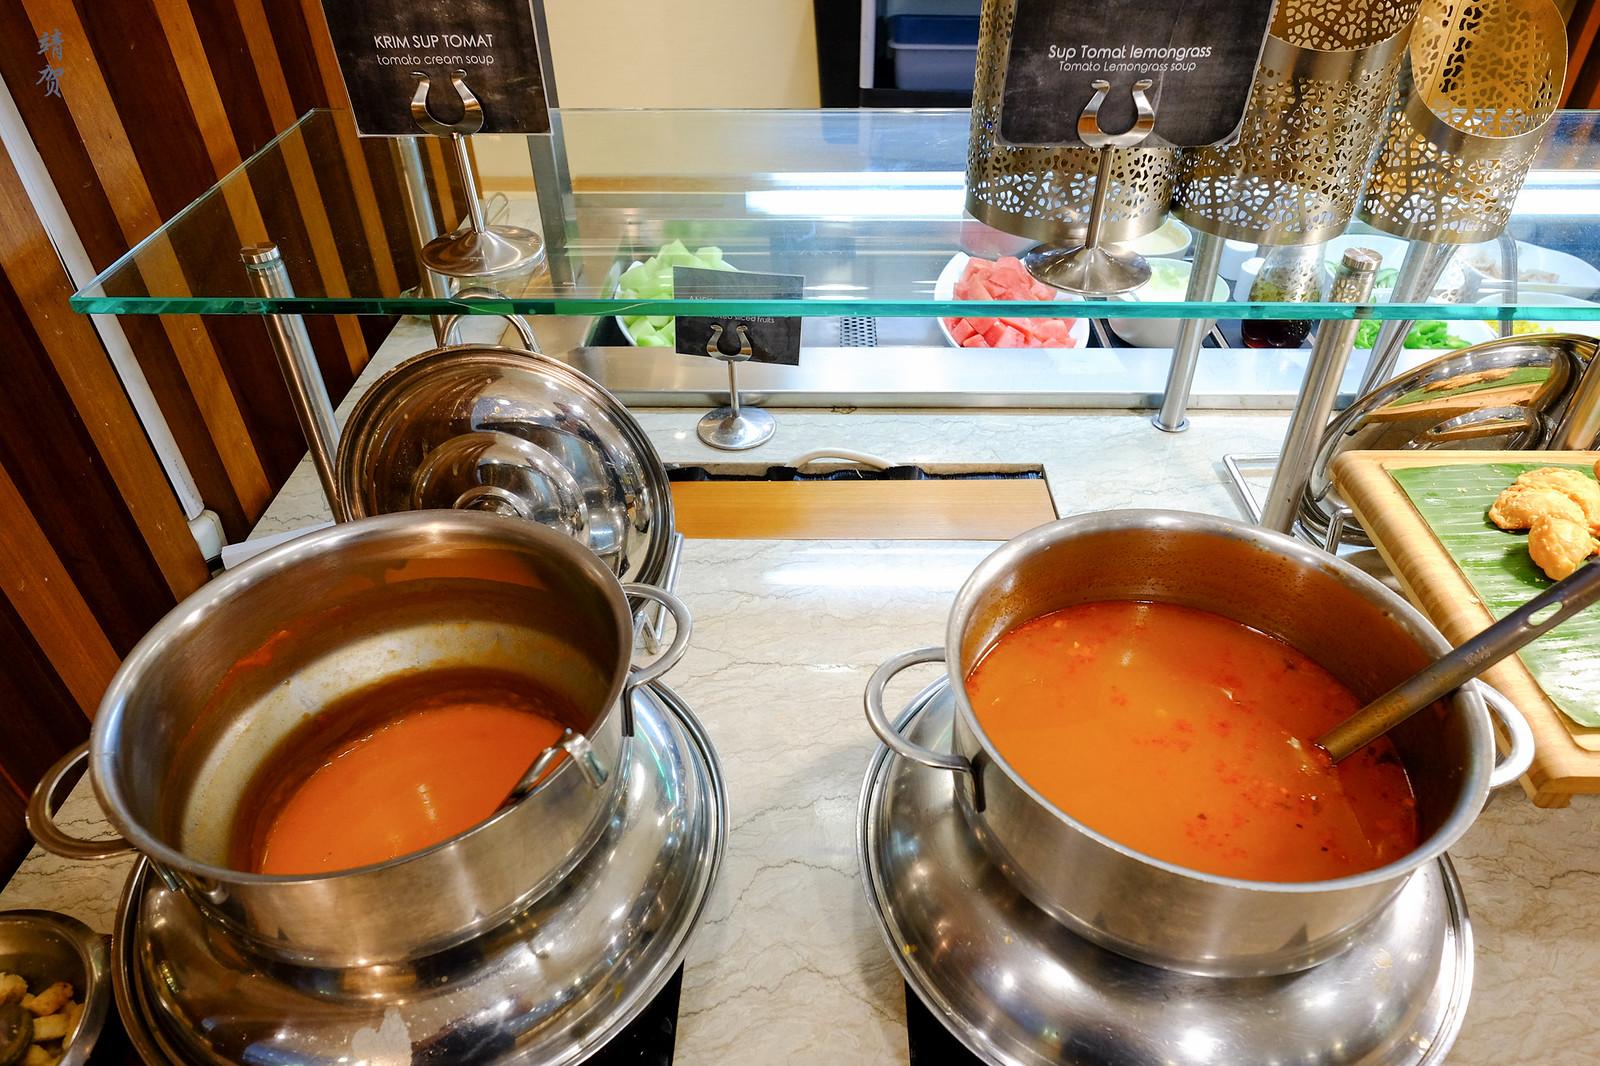 Tomato and lemongrass soup